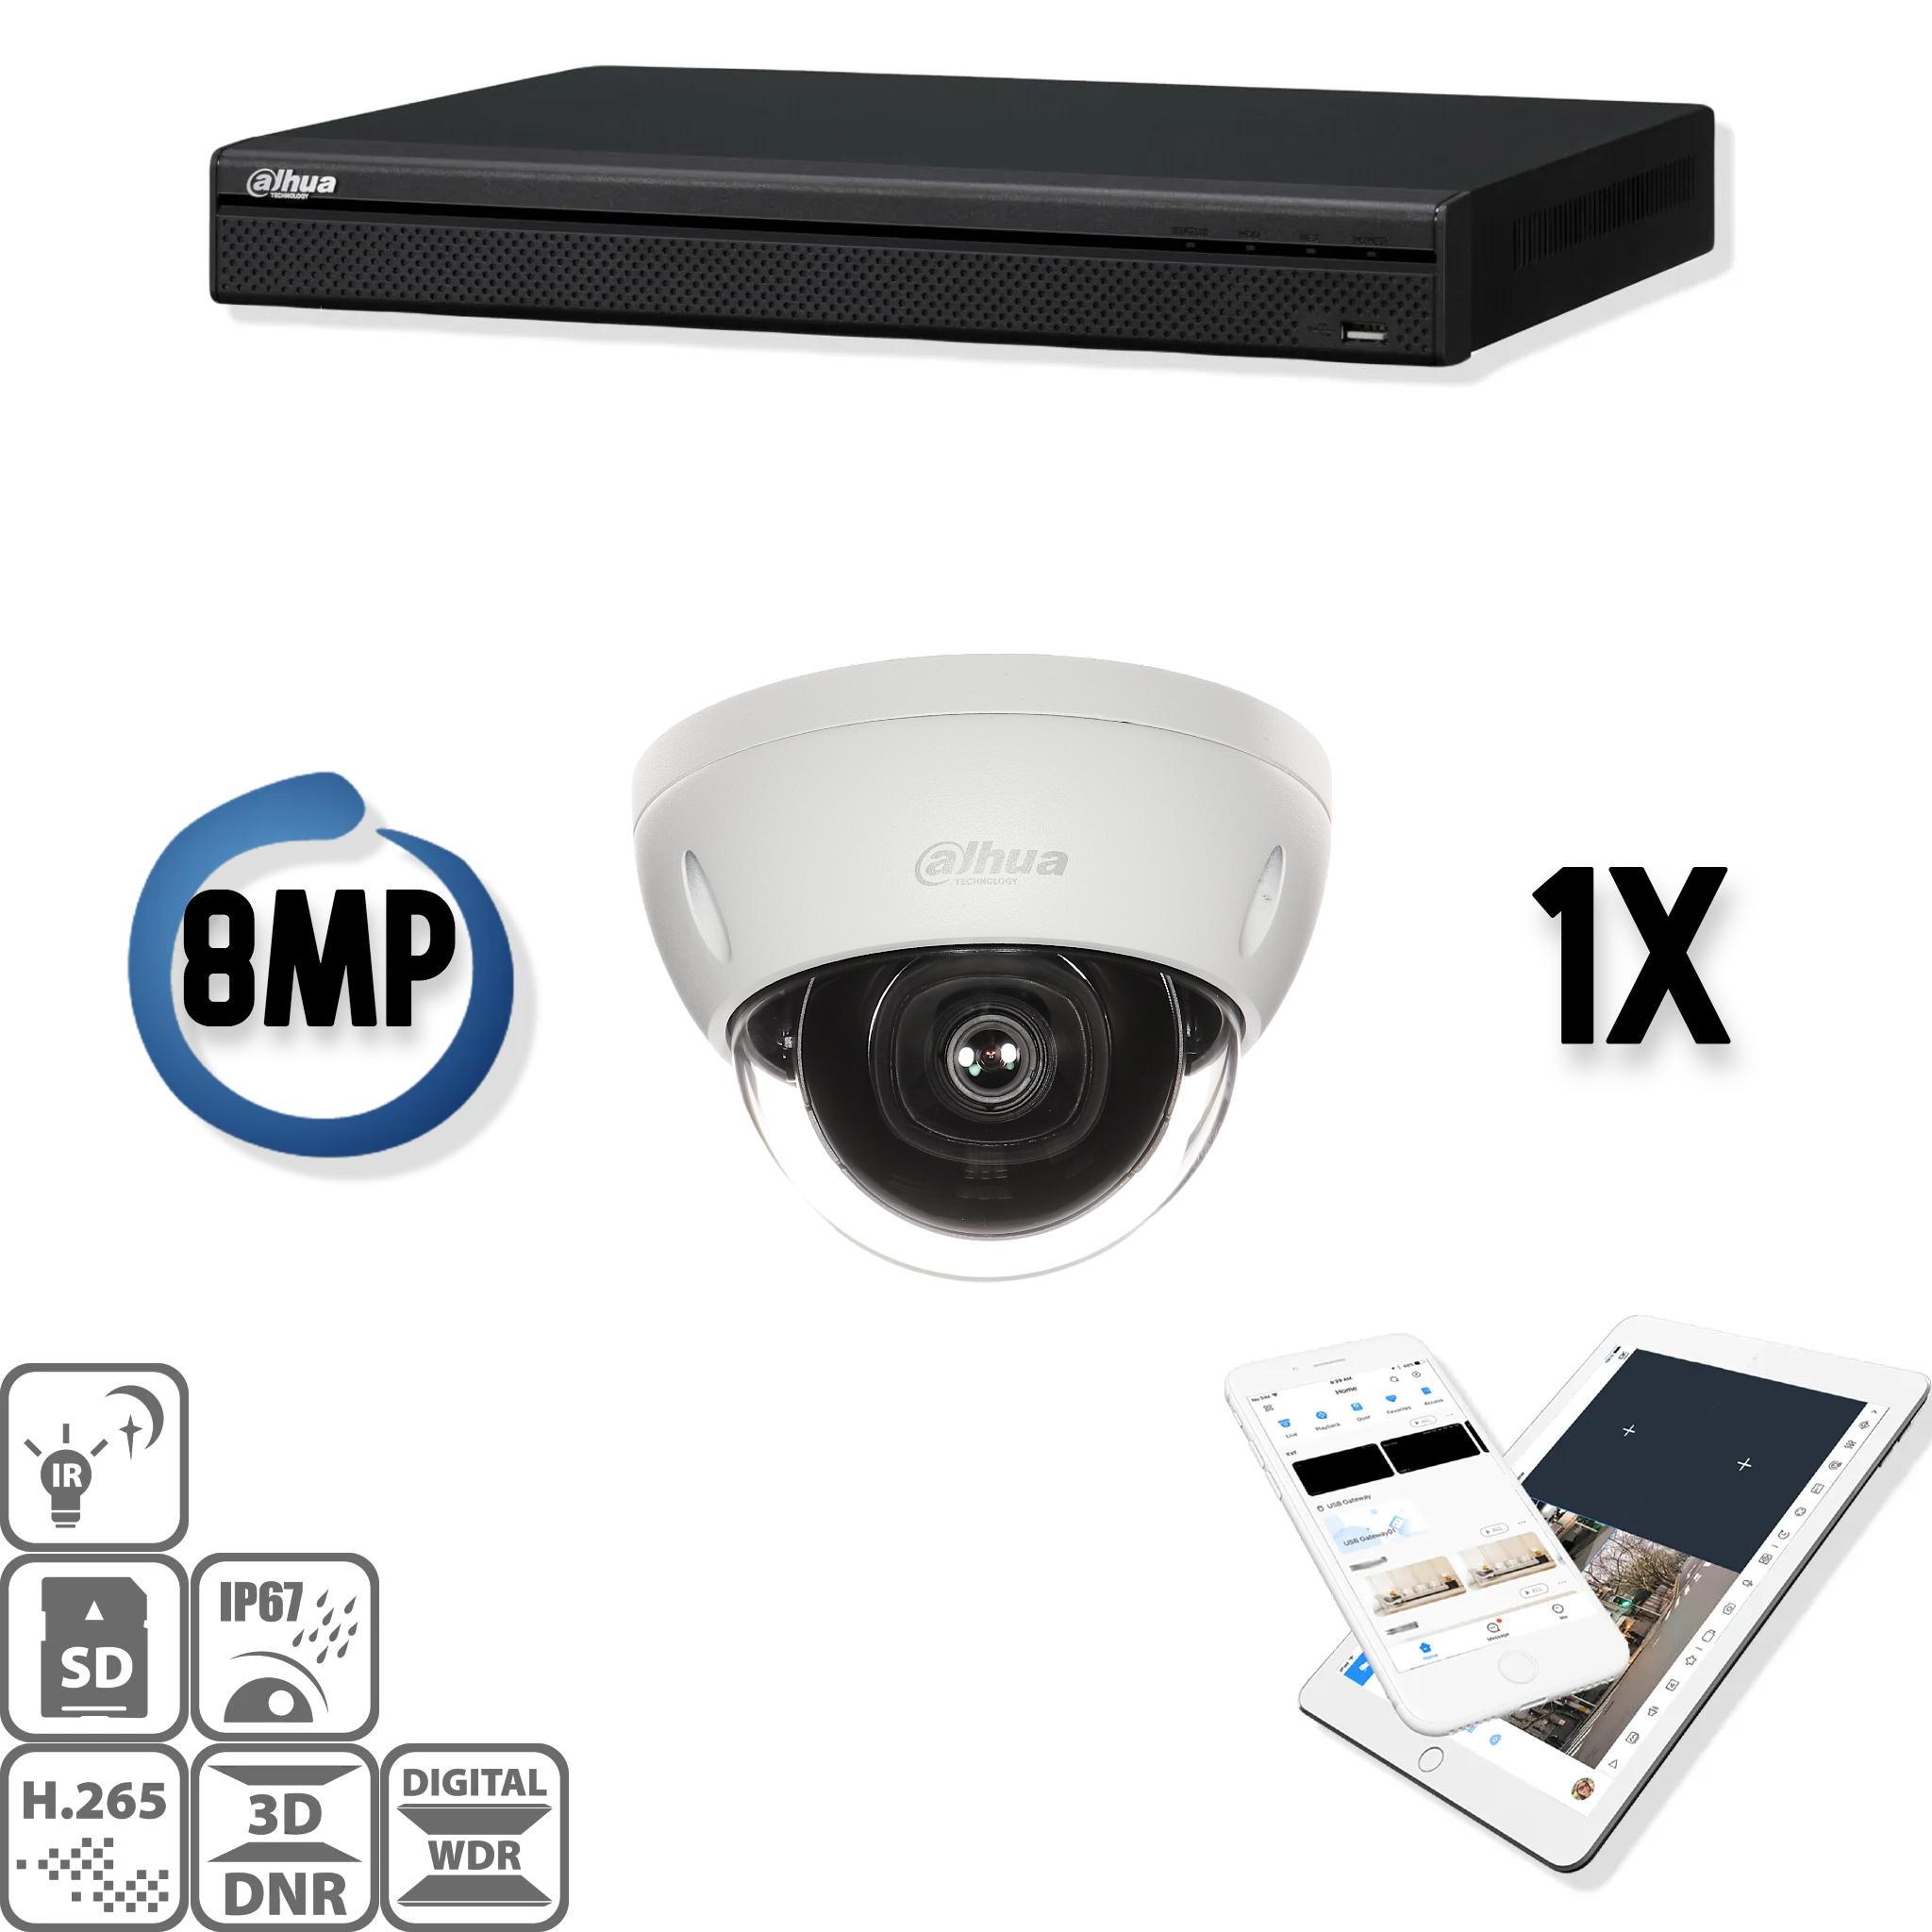 Kit IP Ultra HD 1x set di sicurezza telecamera dome da 8 Megapixel